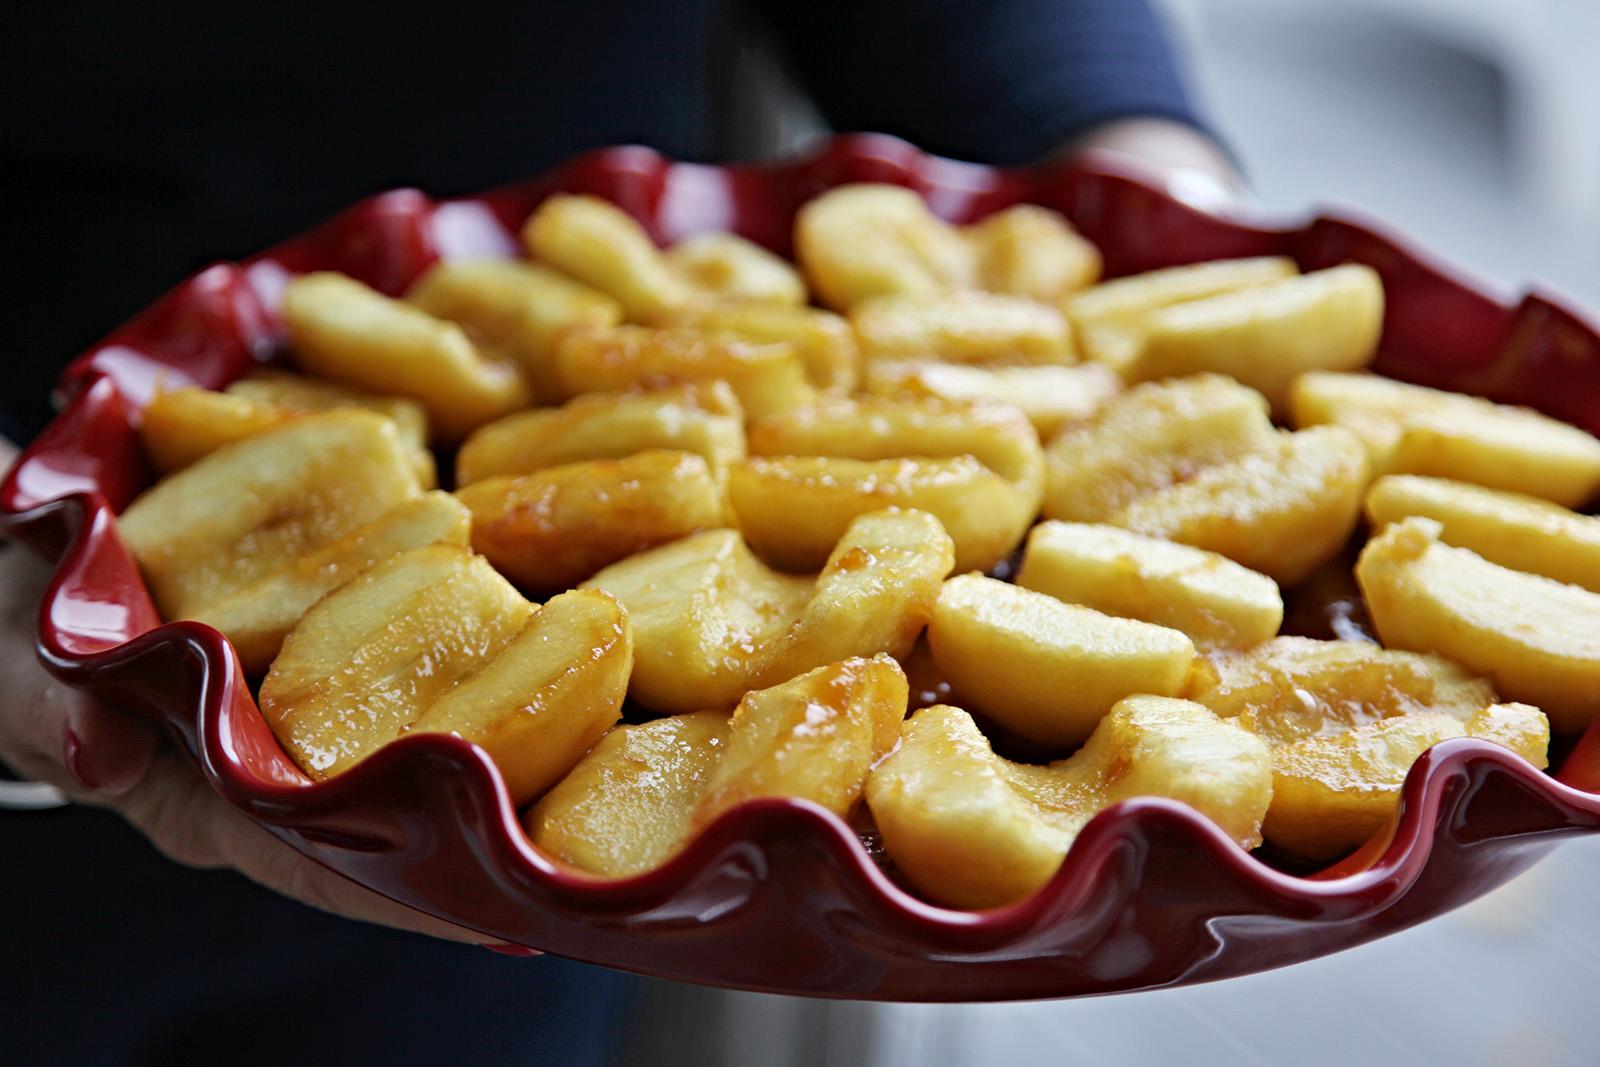 Jablka v karamelu a největší vrstva je na dně formy